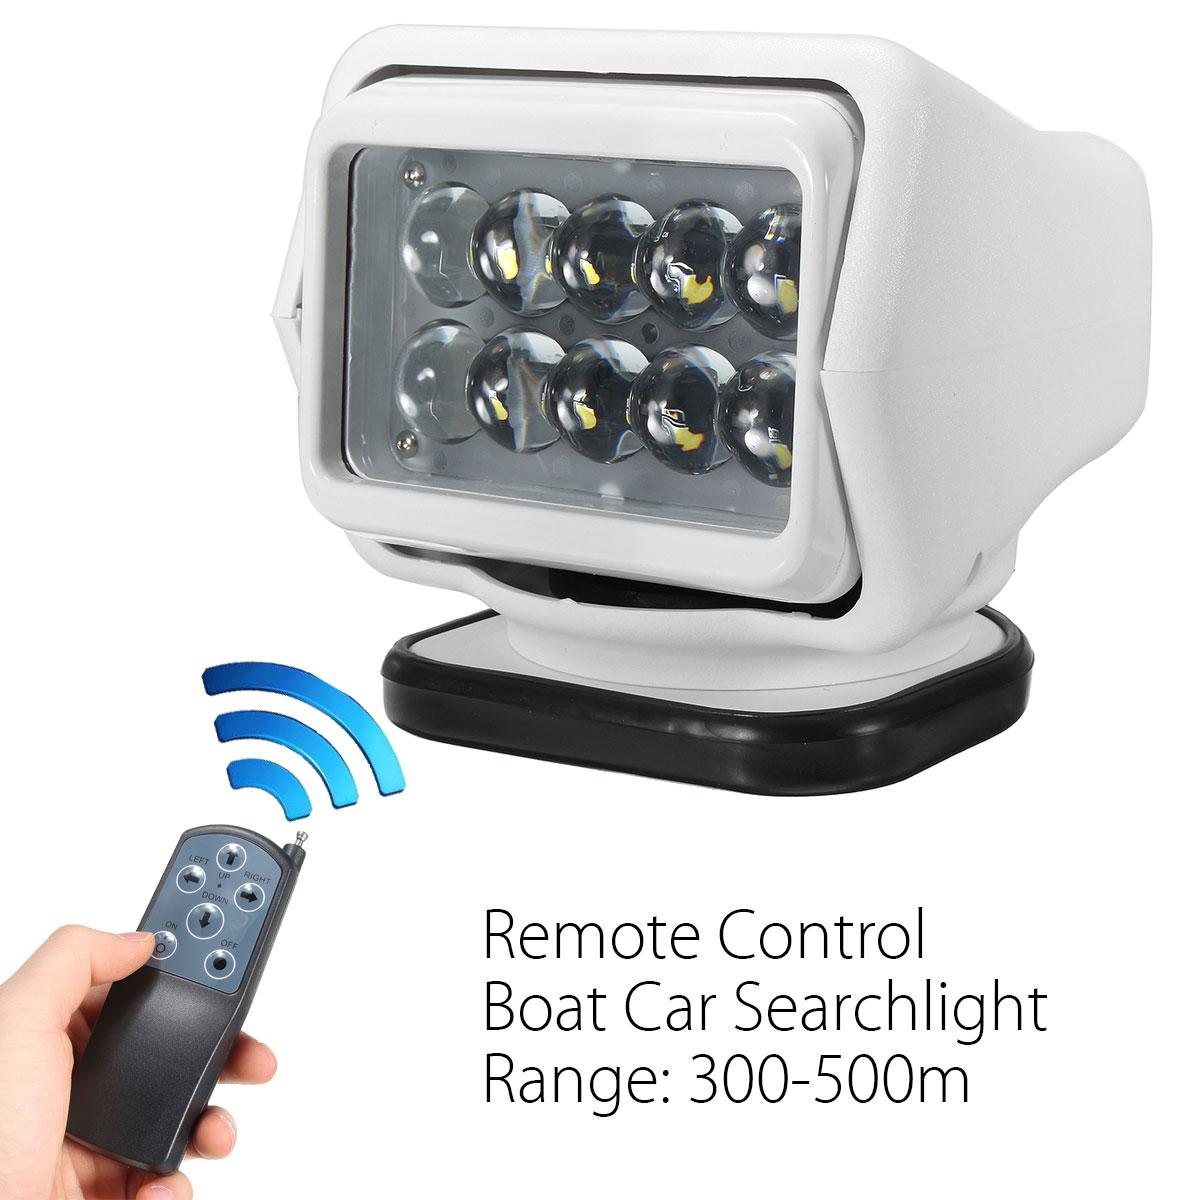 360 градусов пульт светодио дный дистанционного управления Светодиодный прожектор 50 Вт лодка автомобильная лампа прожектор беспроводной Ра